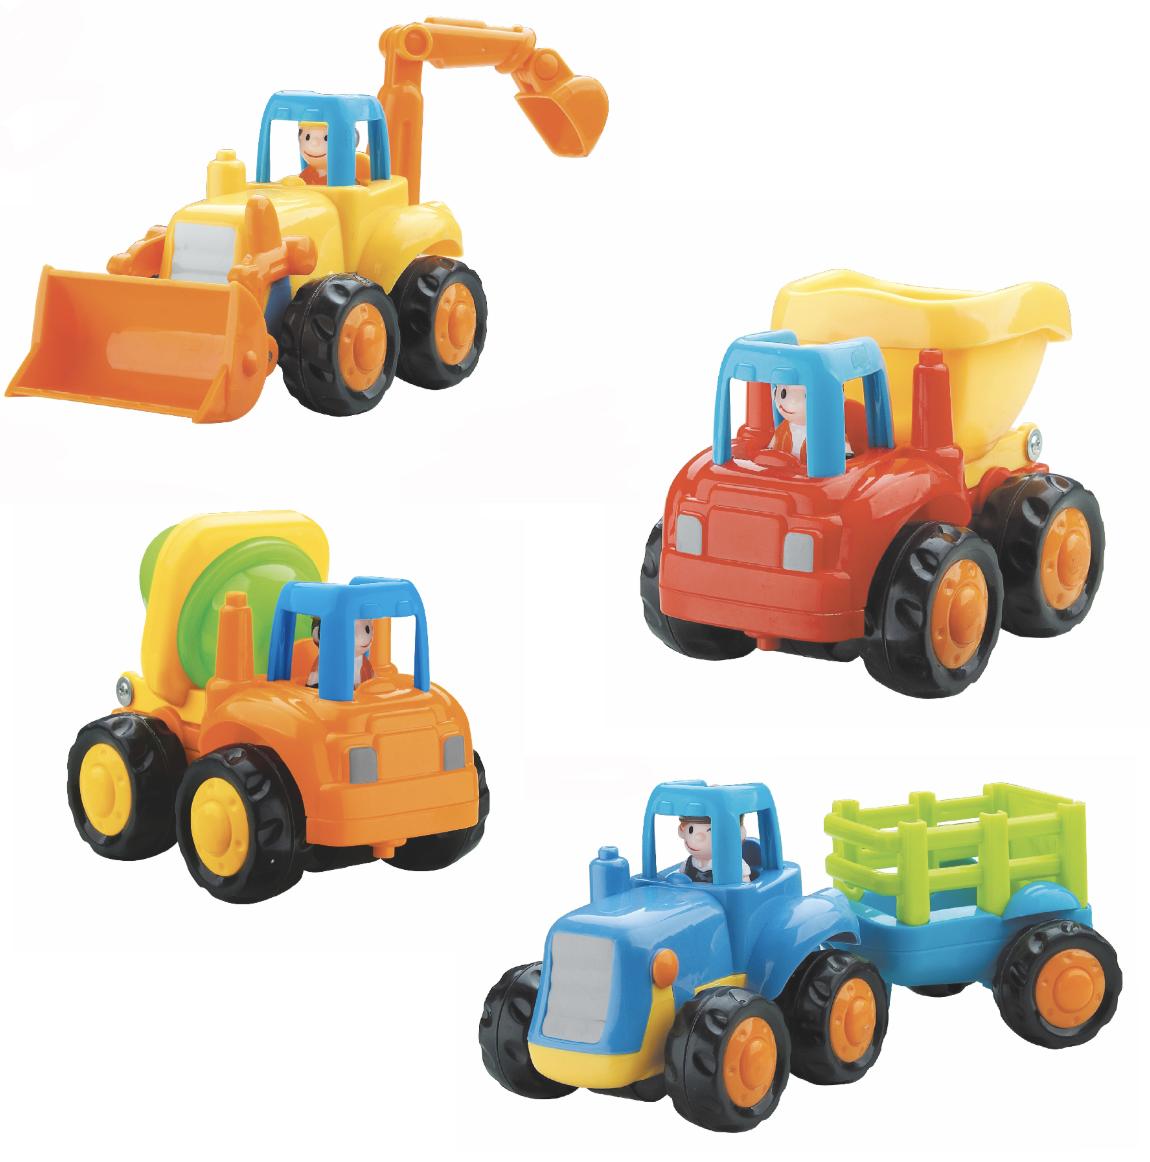 Vehículos de Granja y Campo - Código: 326